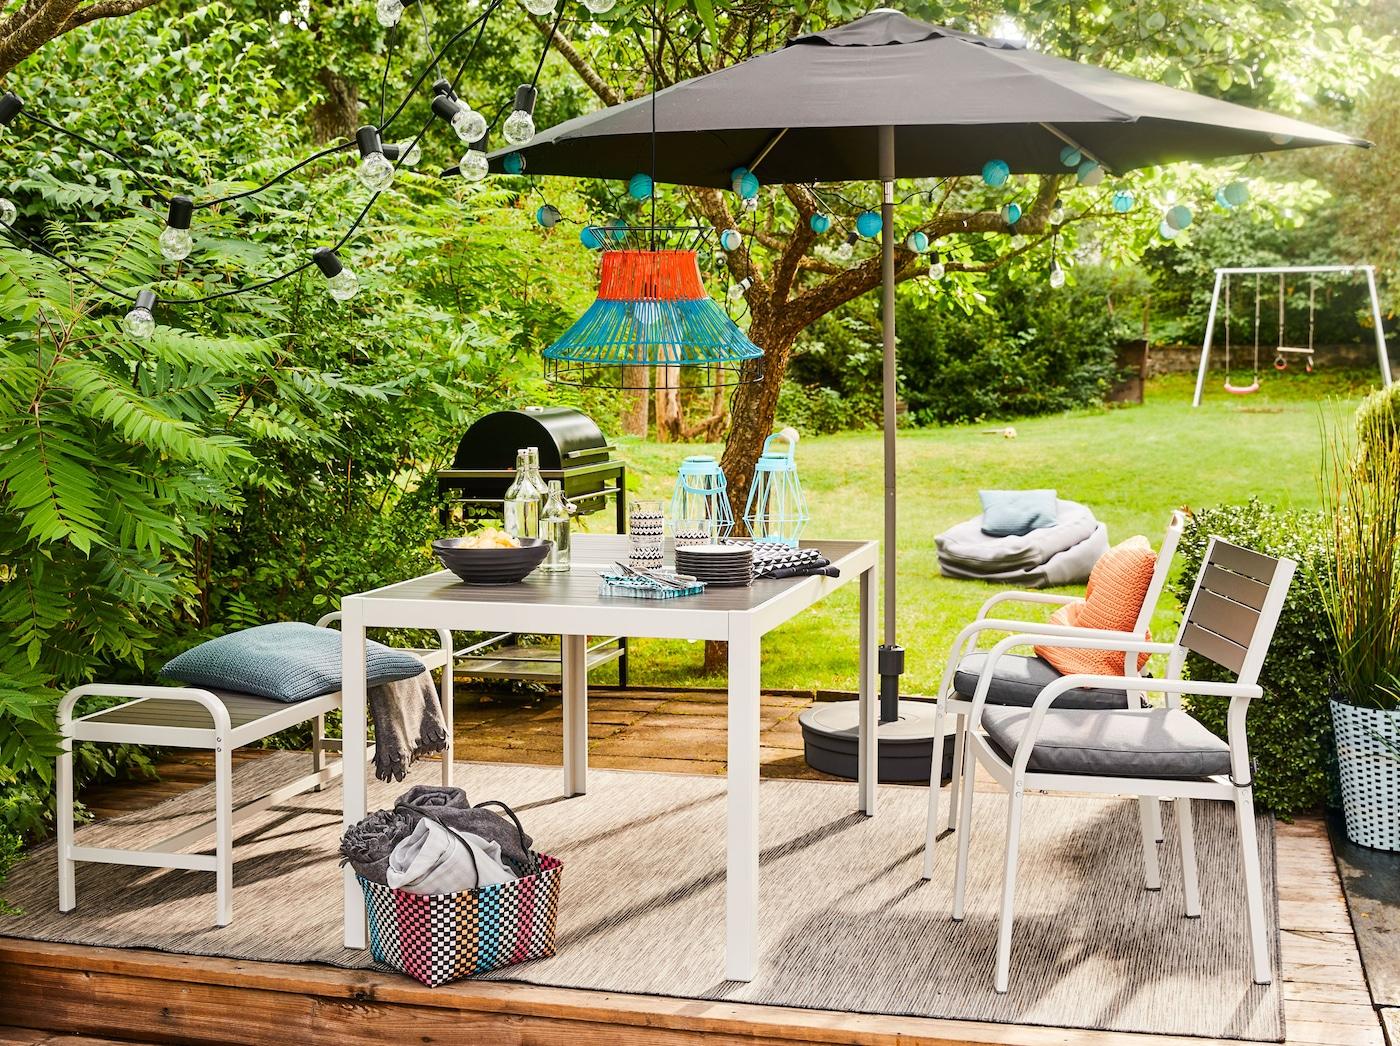 Terrasse im grünen Garten mit SJÄLLAND Tisch, 2 Stühlen, Sonnenschirm & Kissen von IKEA.